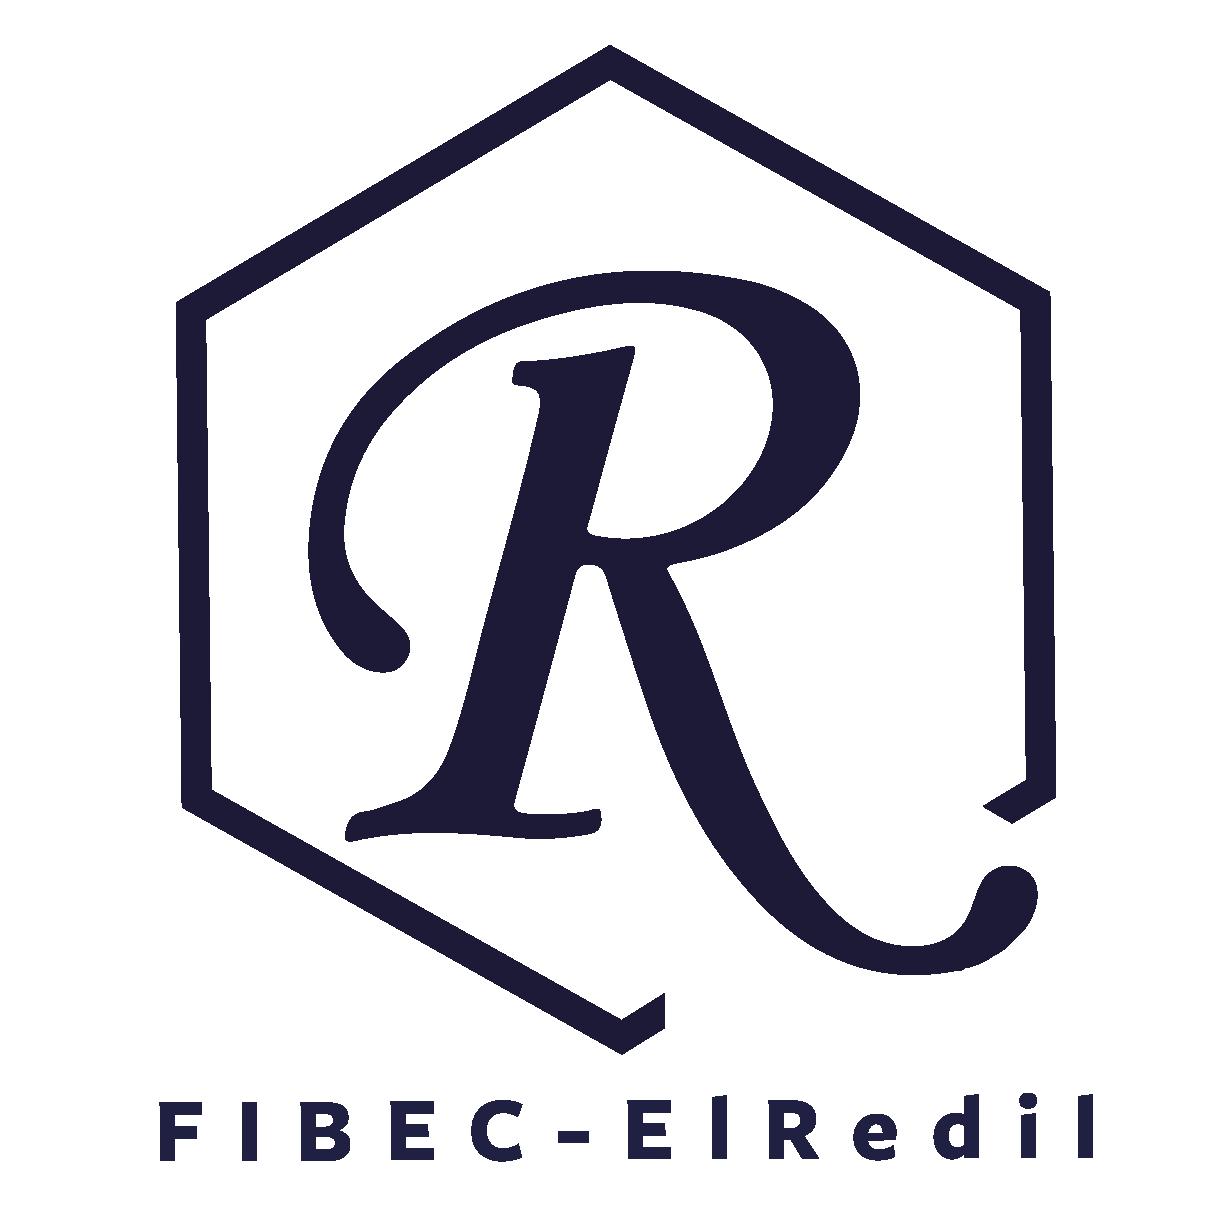 FIBEC-EL REDIL